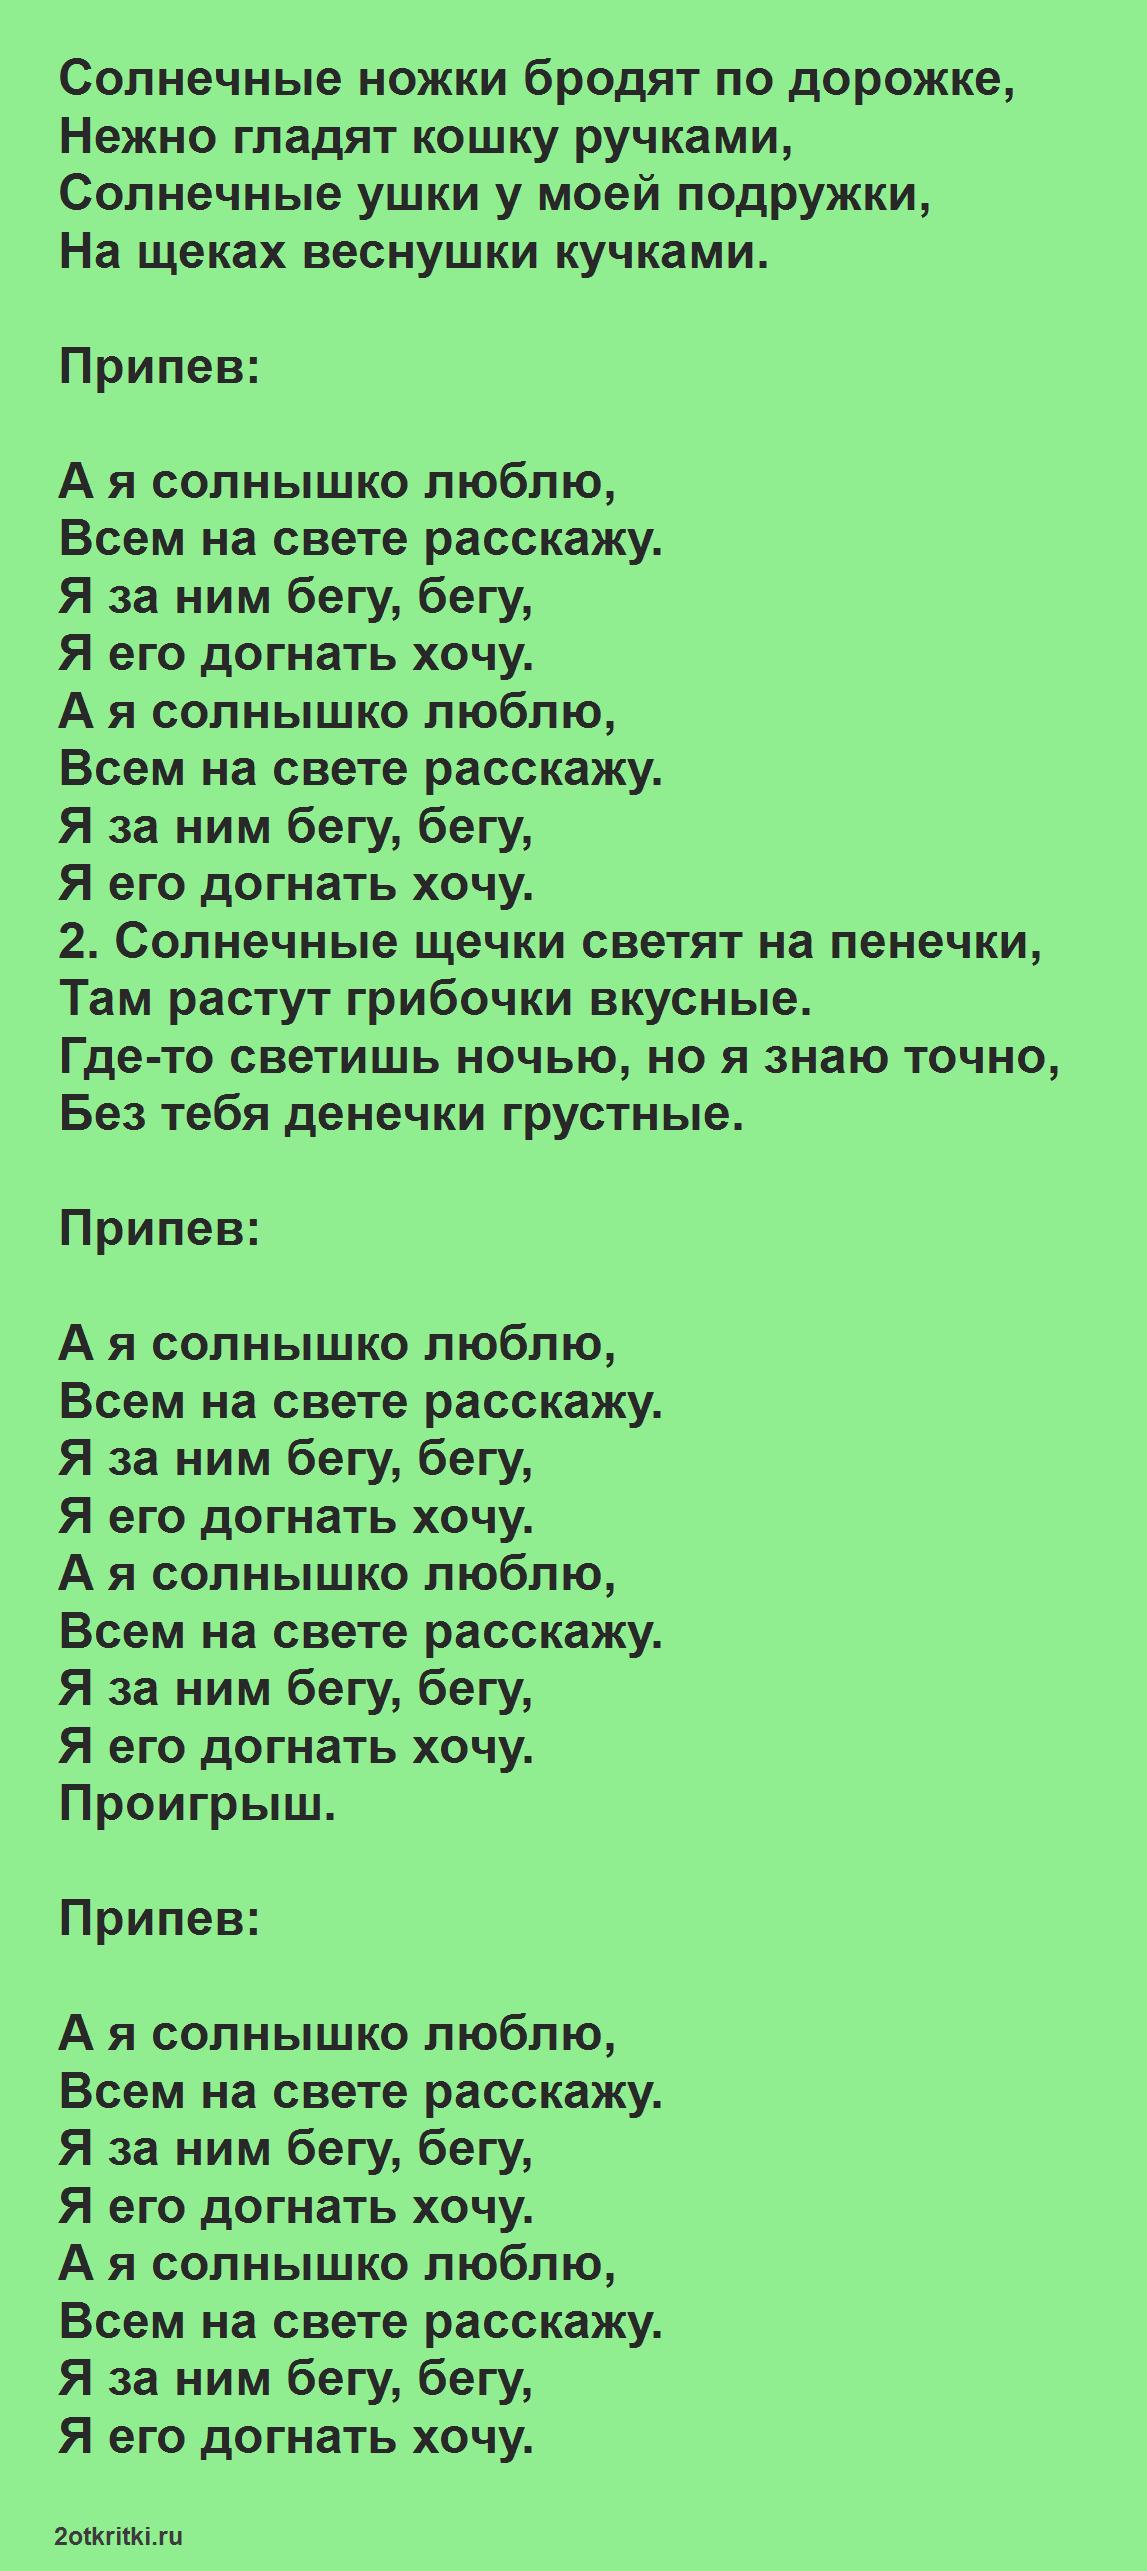 Песни на 1 июня современные - Солнышко